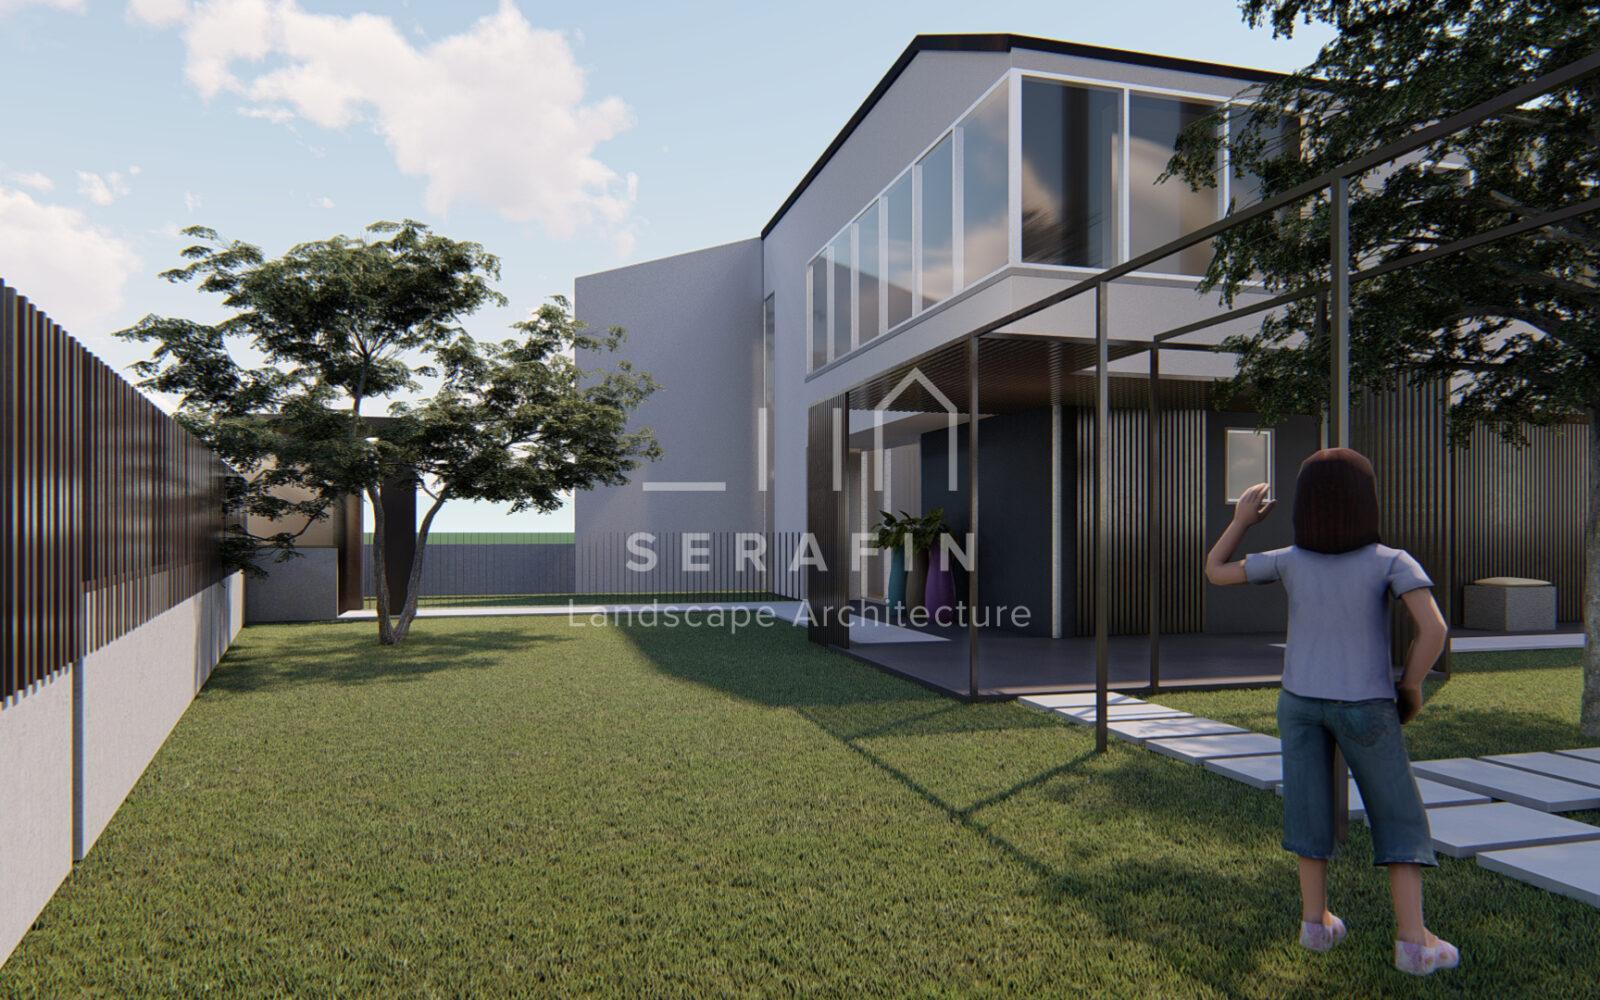 progettazione di un giardino privato a Sacile - 5